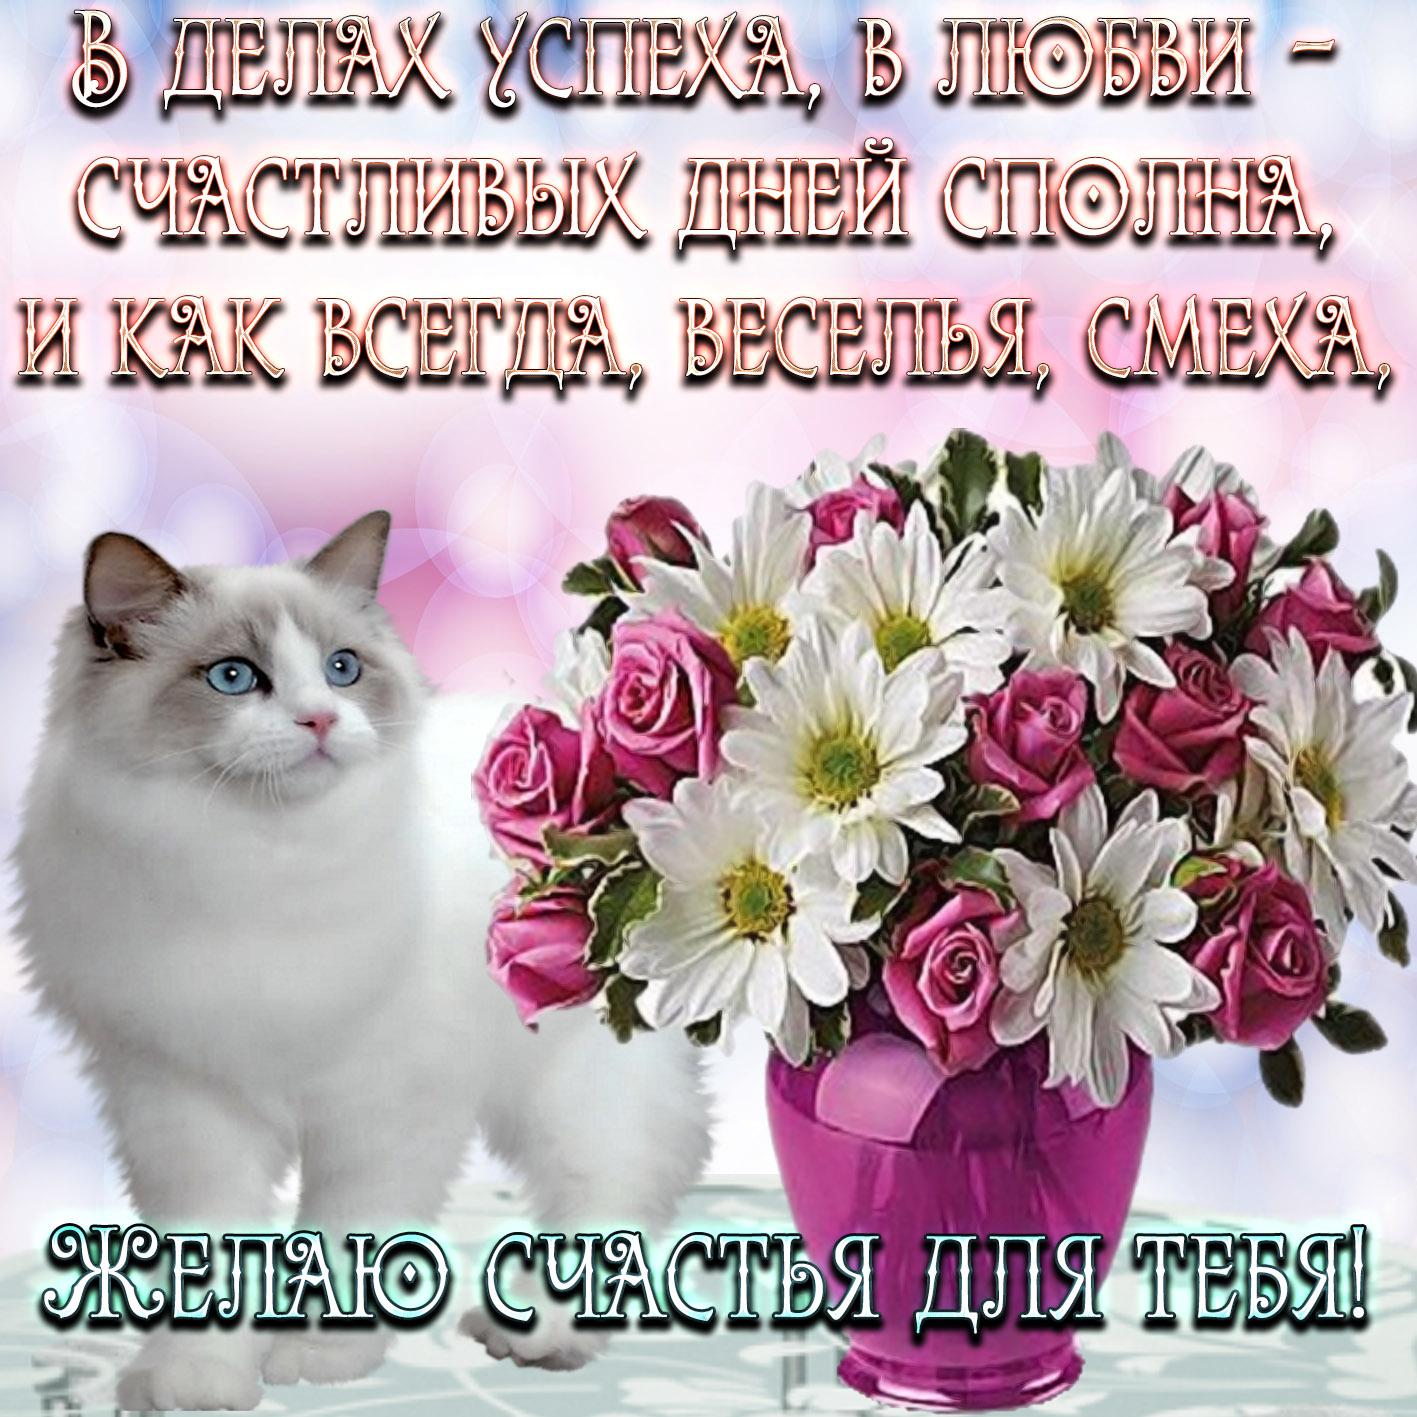 Открытки, открытки с котами и пожеланиями